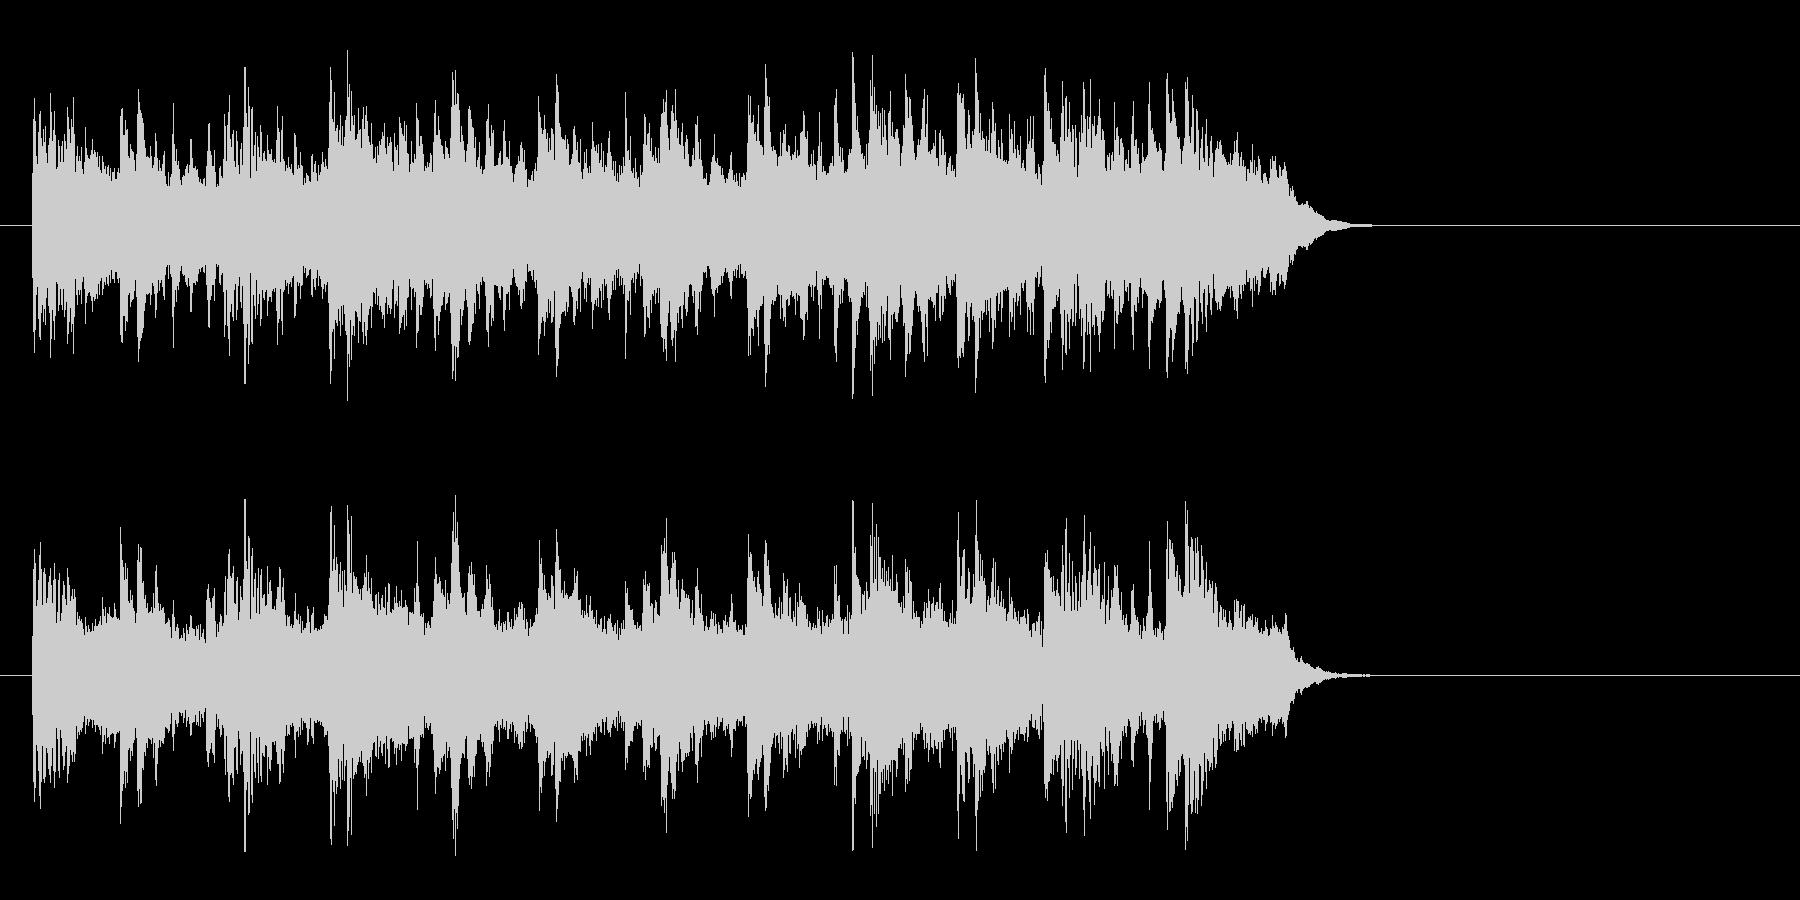 ブライダル風バラード(イントロ)の未再生の波形